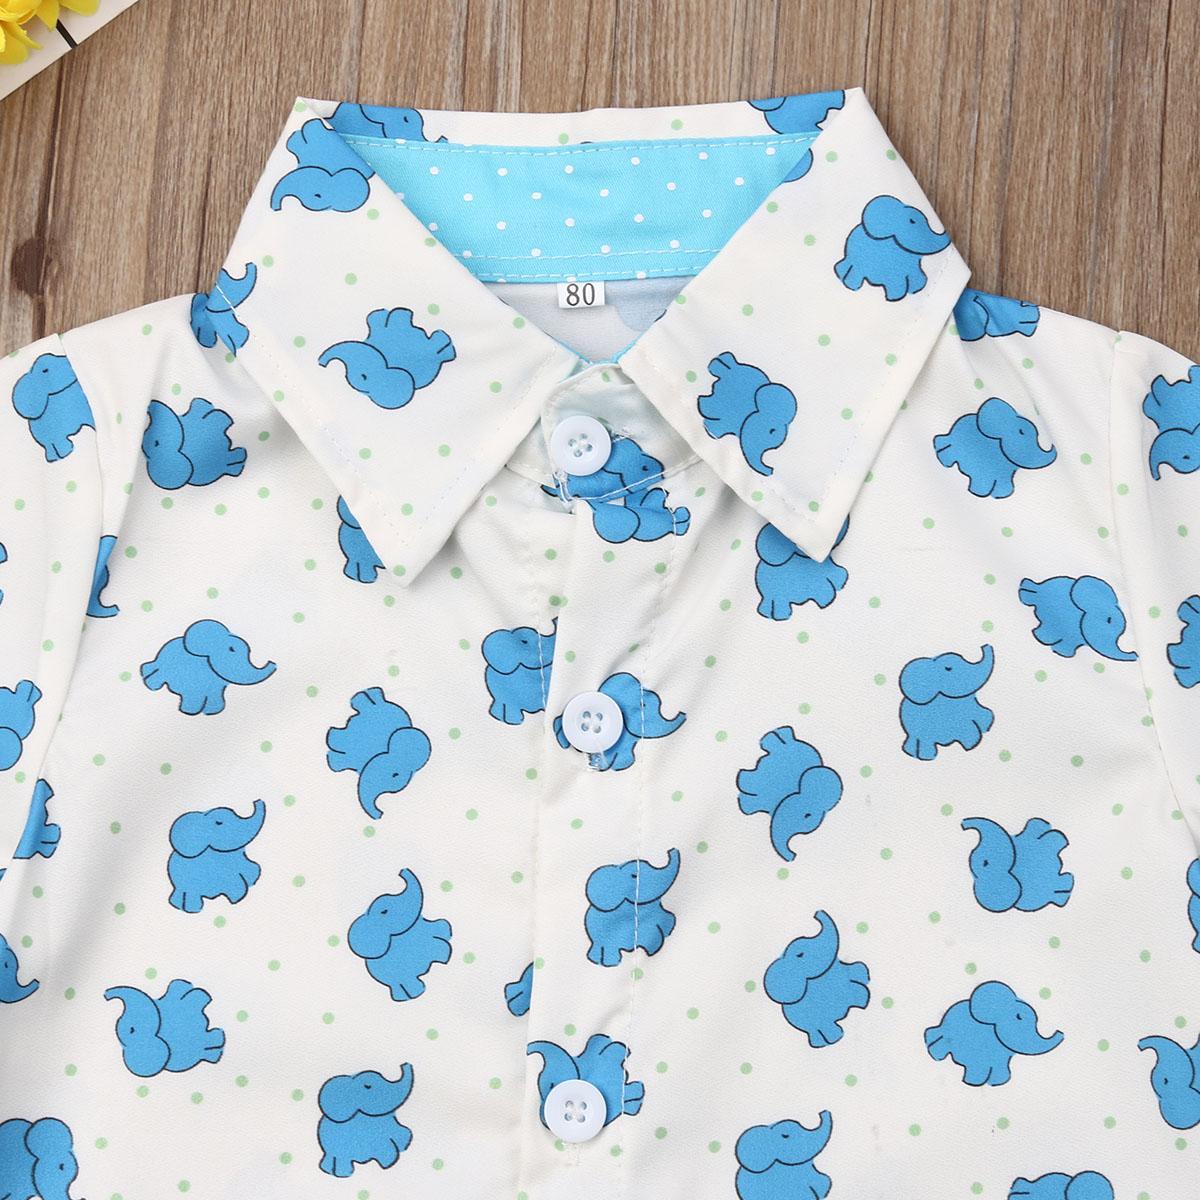 Crianças Baby Boy ternos formais Verão Define Elephant Imprimir T-shirt Sólidos Shorts Crianças Party Boy Roupa Outfits 1-5Y